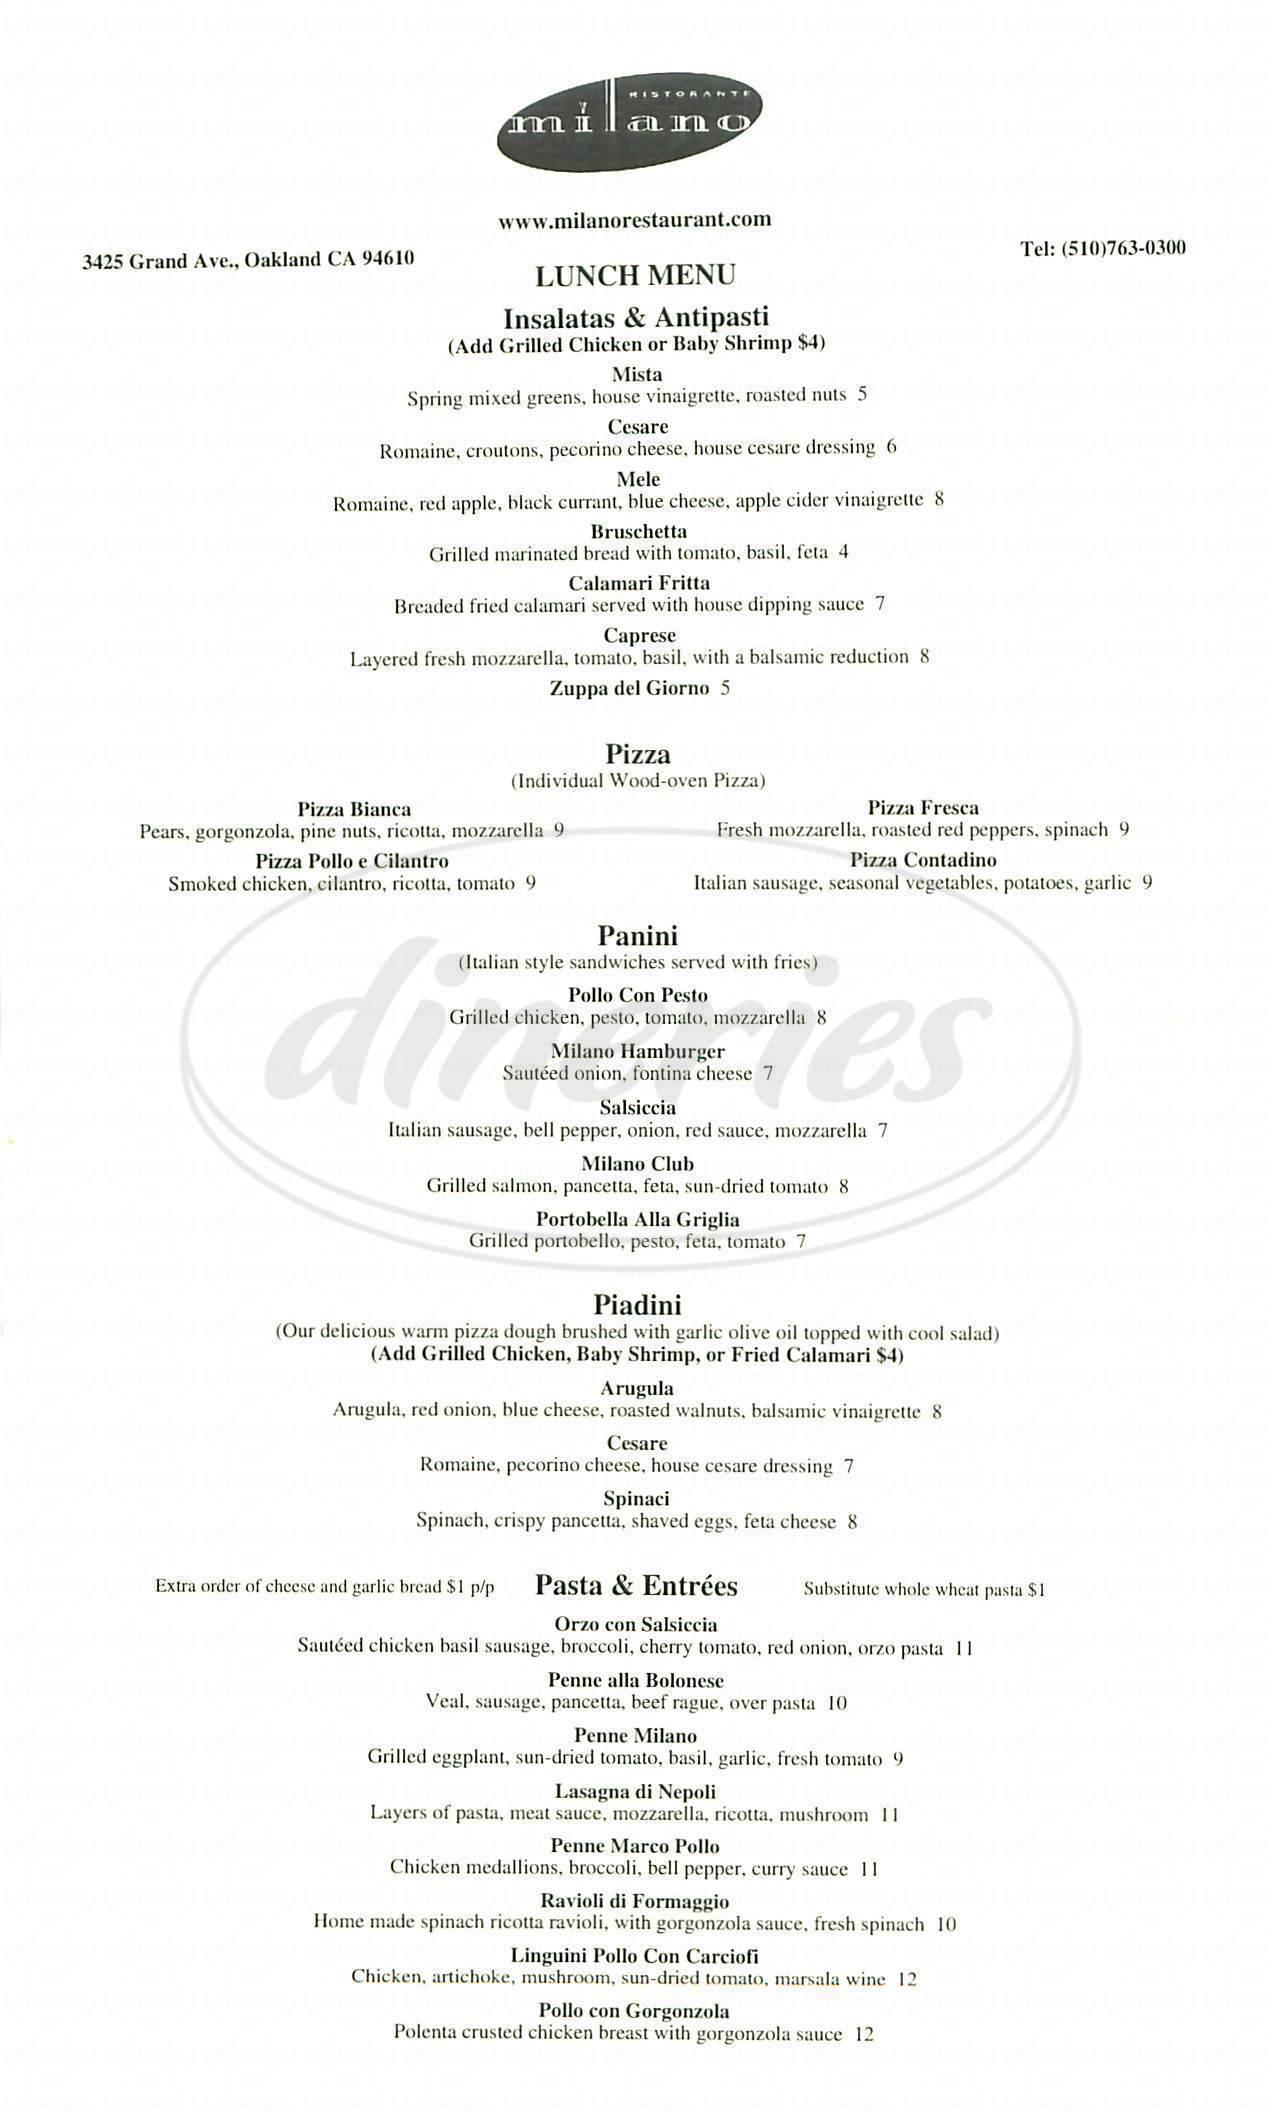 menu for Milano Ristorante